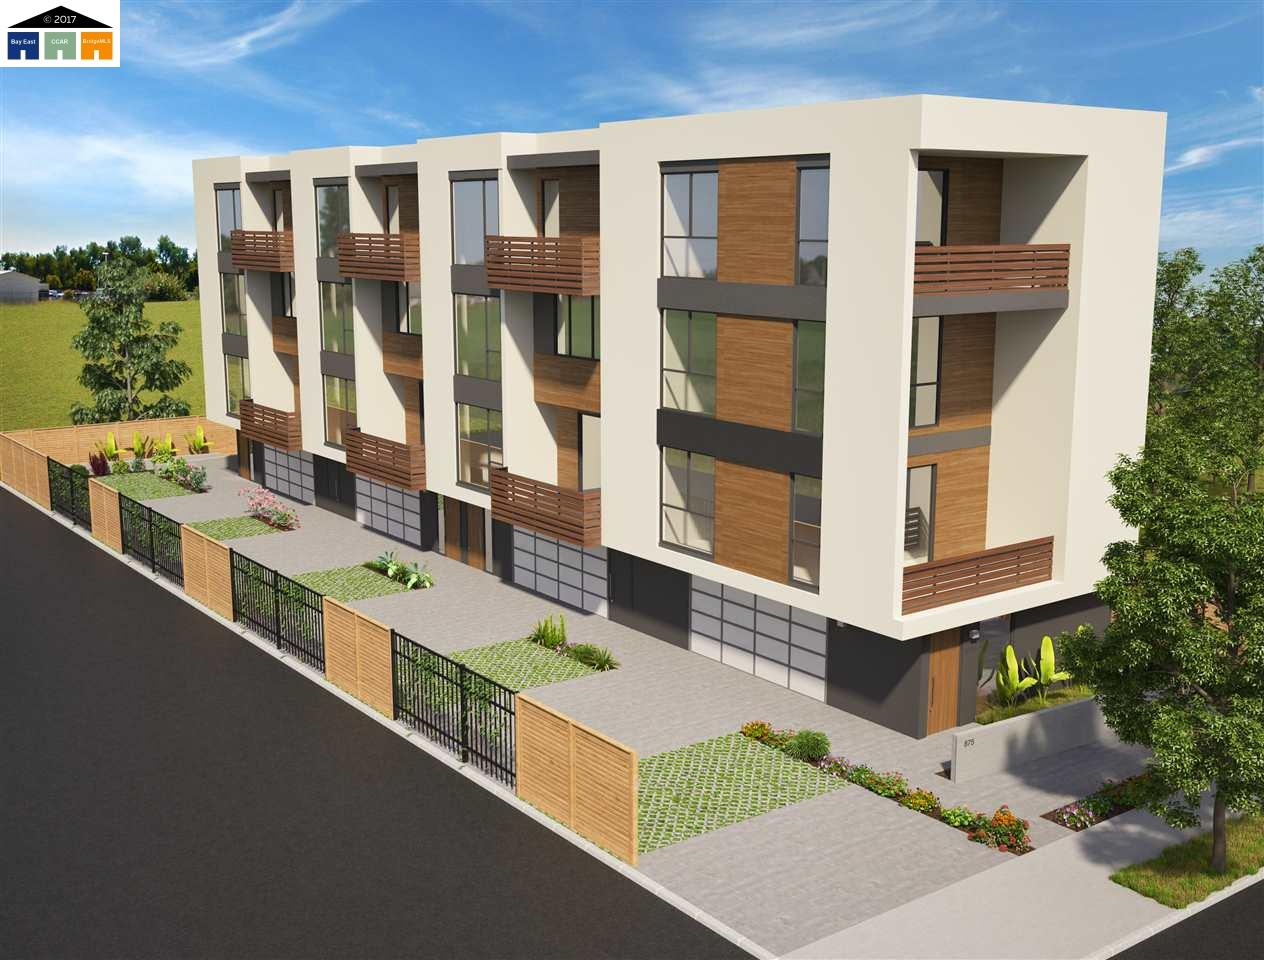 أراضي للـ Sale في 875 Alvarado Street 875 Alvarado Street San Leandro, California 94577 United States